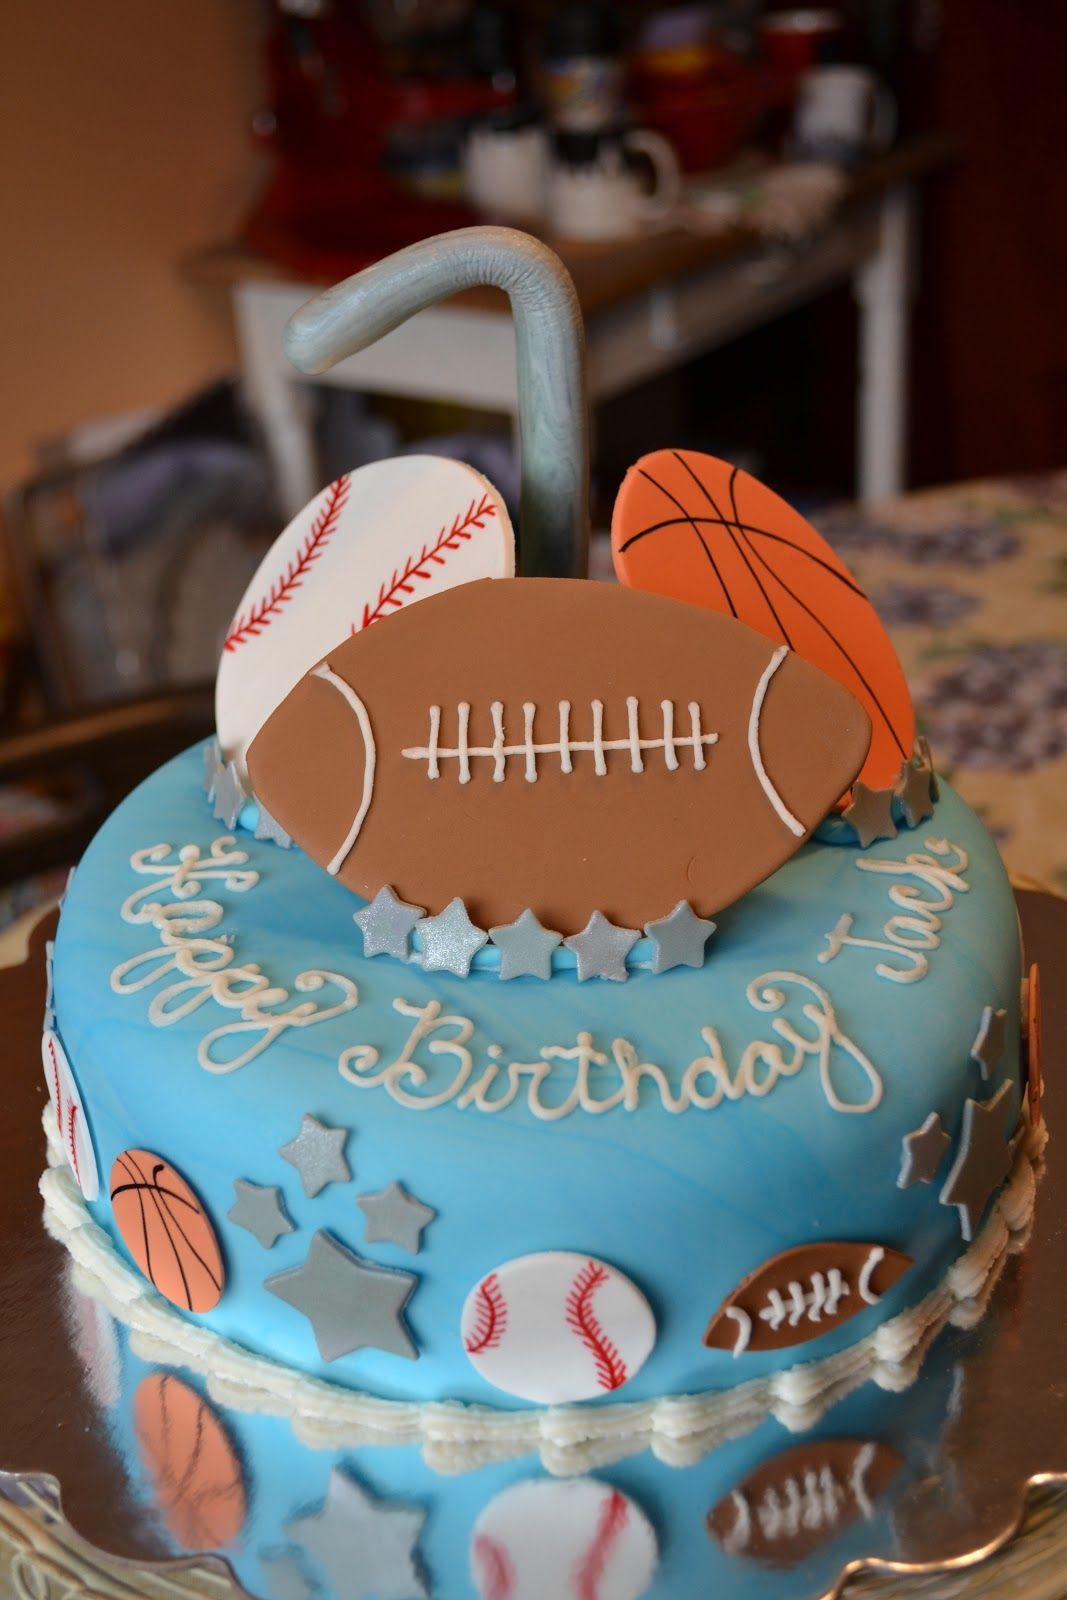 Sports Theme Birthday Cakes For Boys